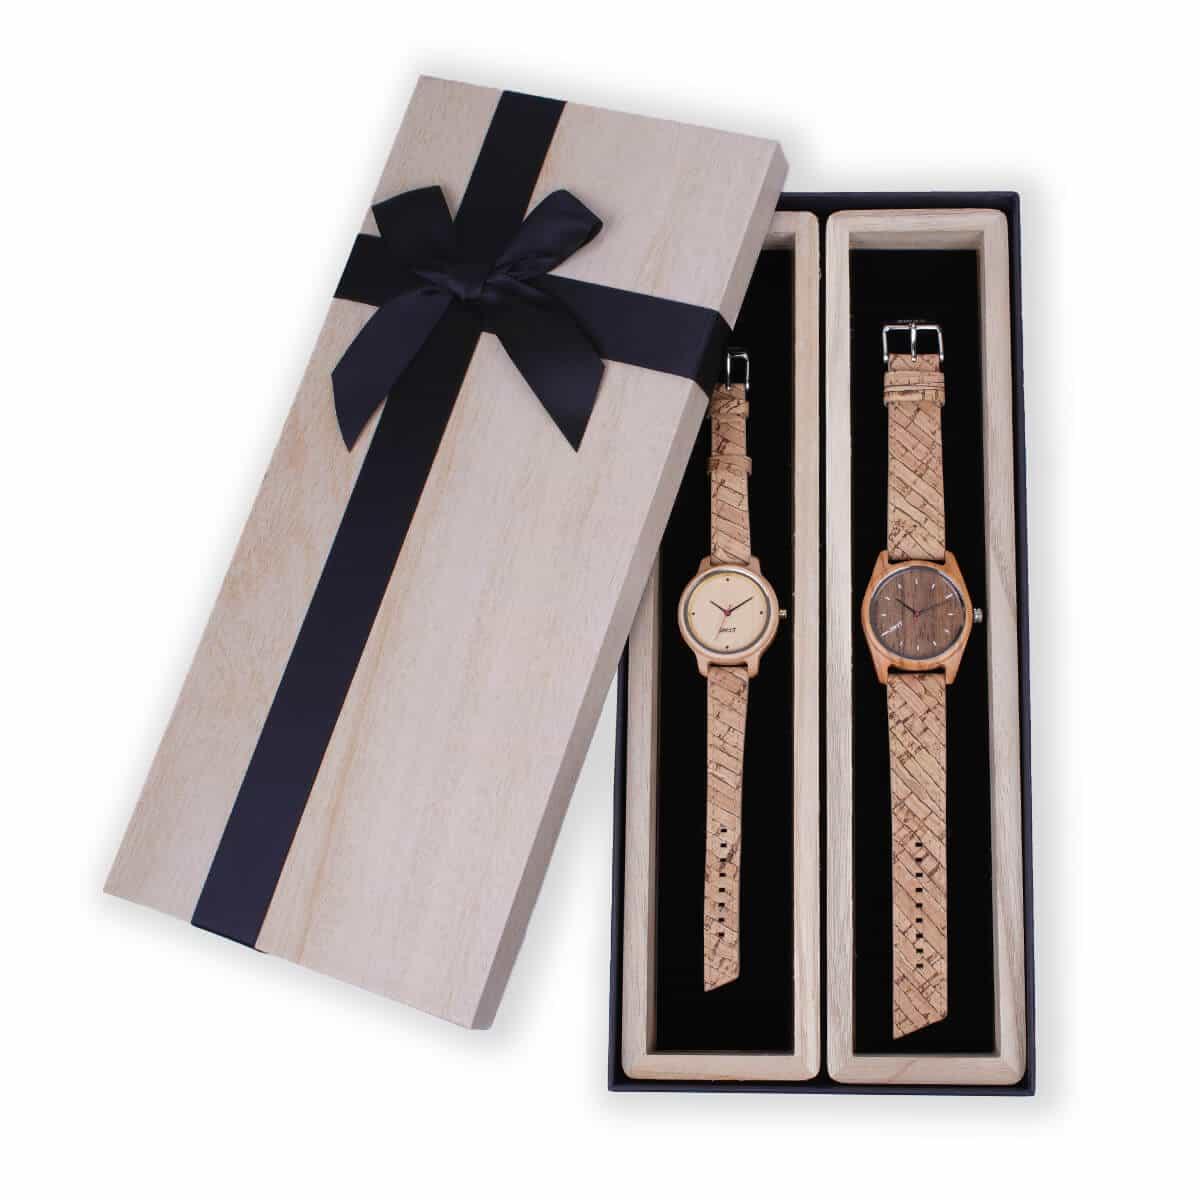 Coffret-cadeau-vegan-montres-couple